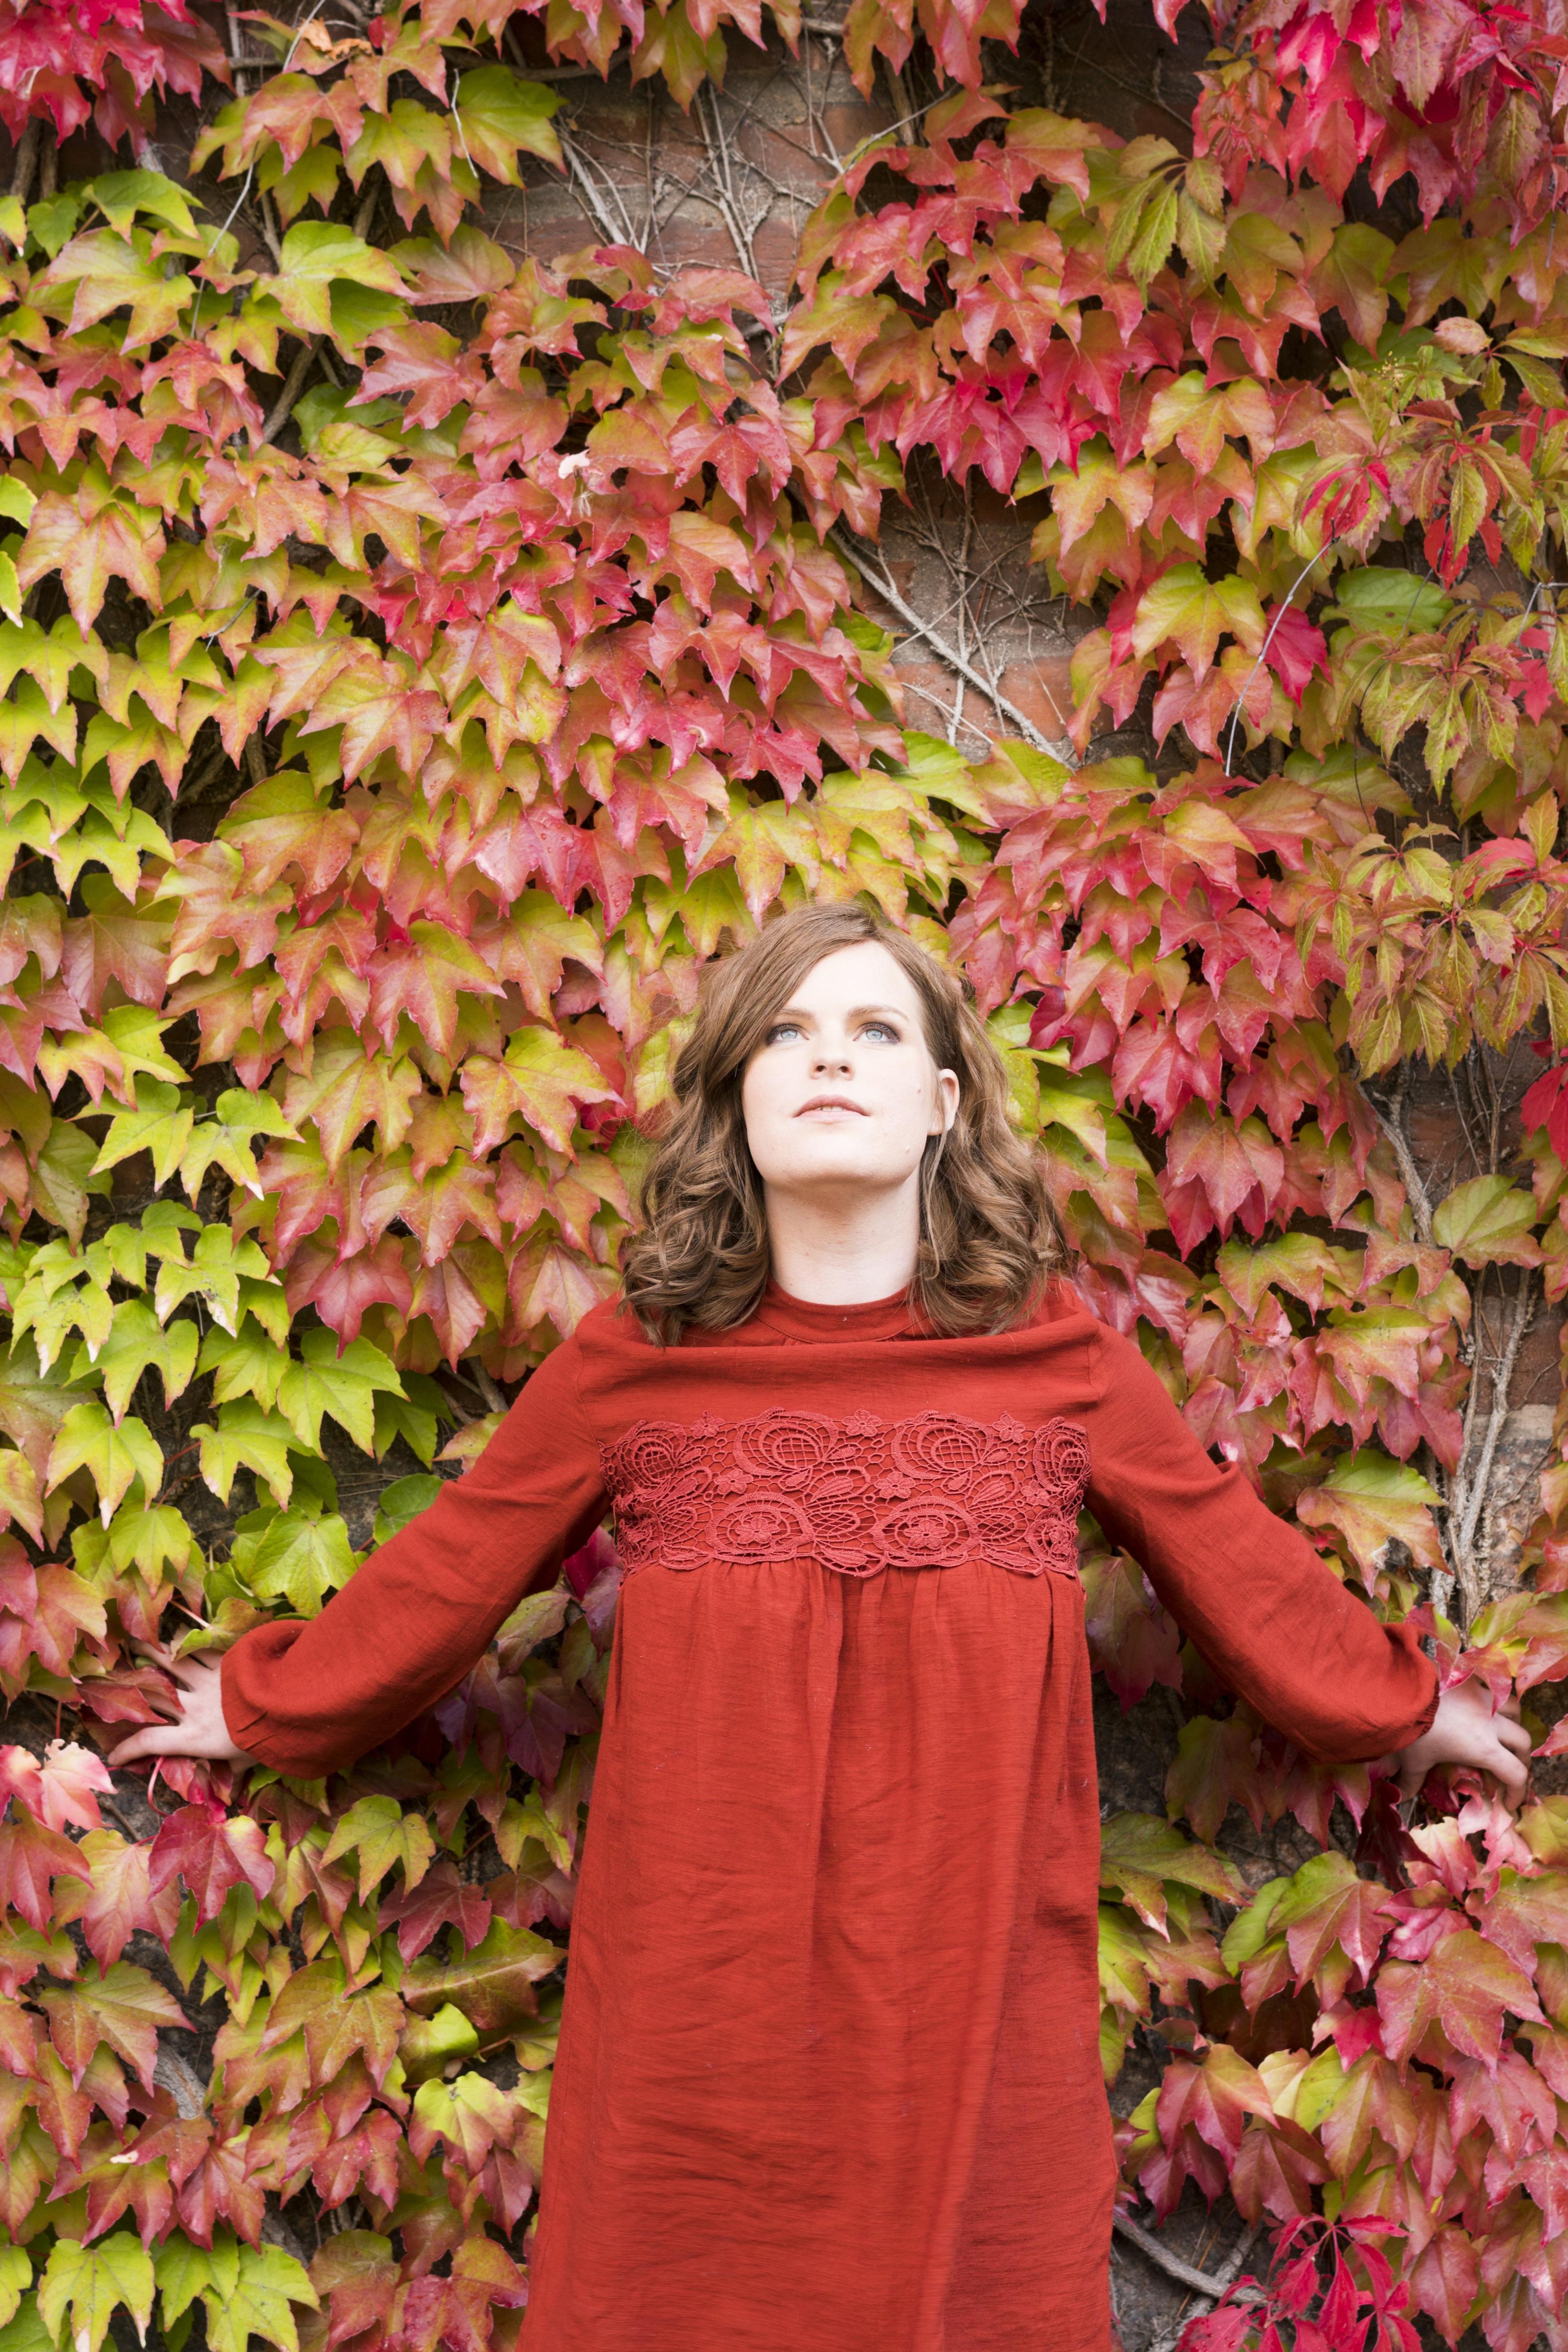 Erika er avbildet i rød kjole foran en vegg fylt med grønne og røde blader.